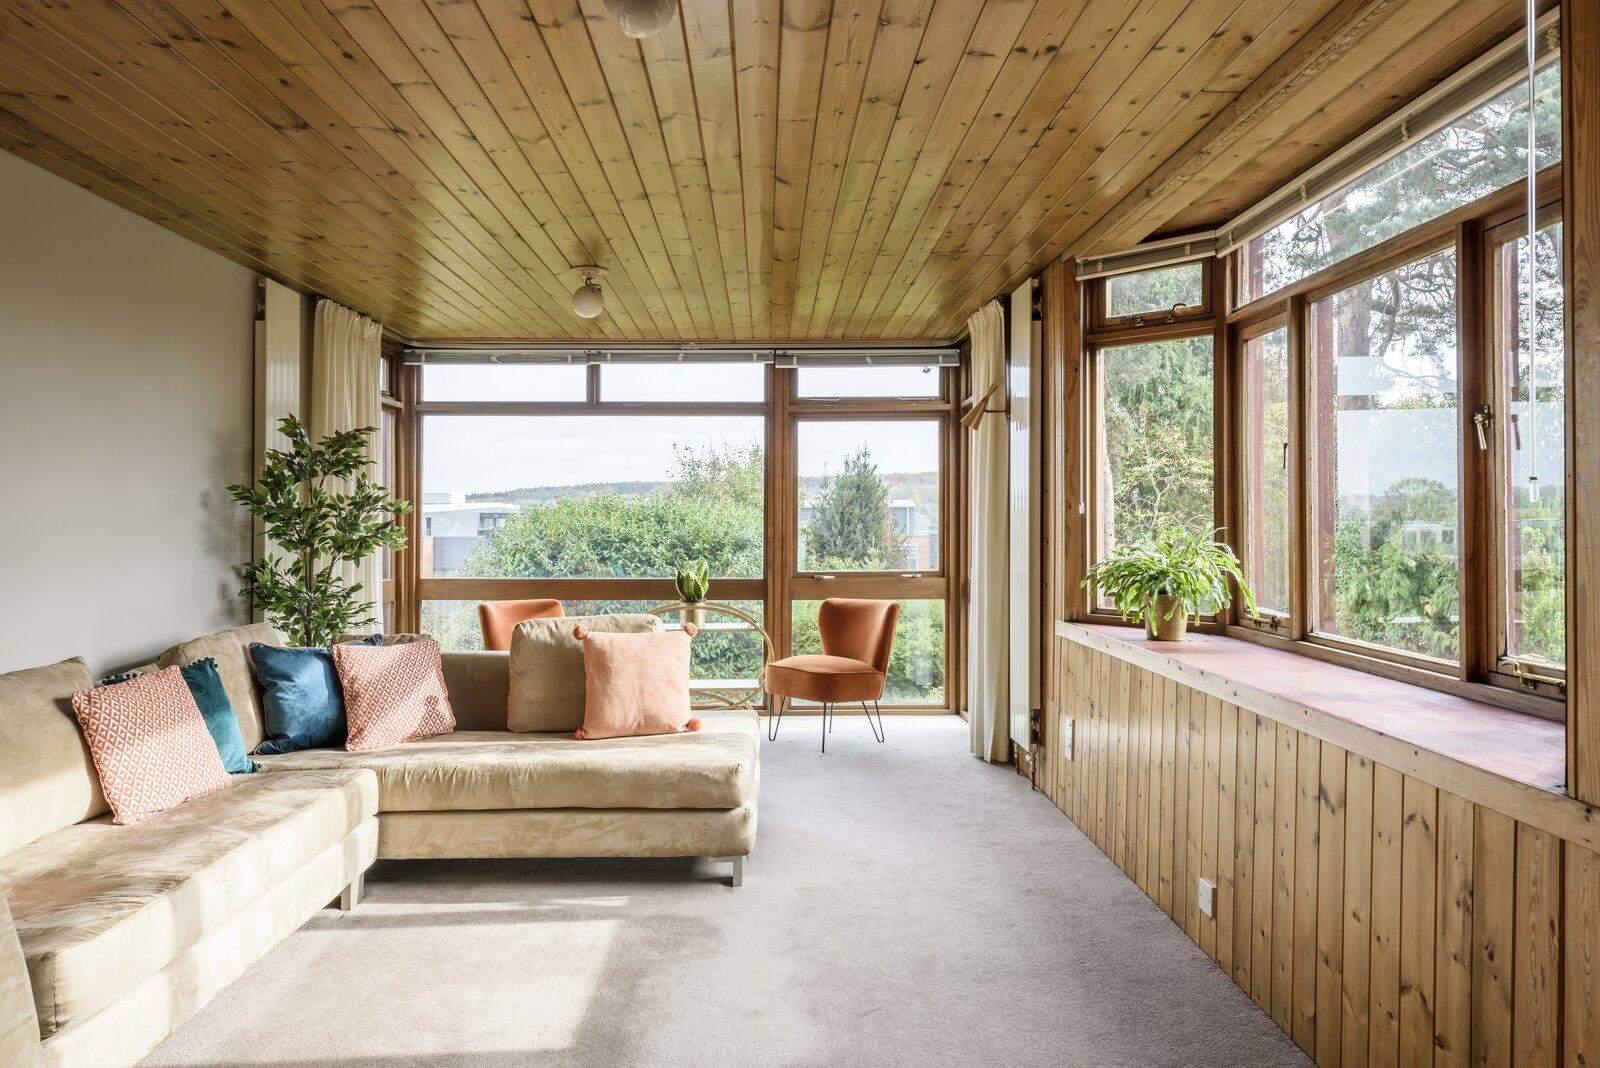 Дерев'яна стеля створює ефект безмовності  / Фото Dwell